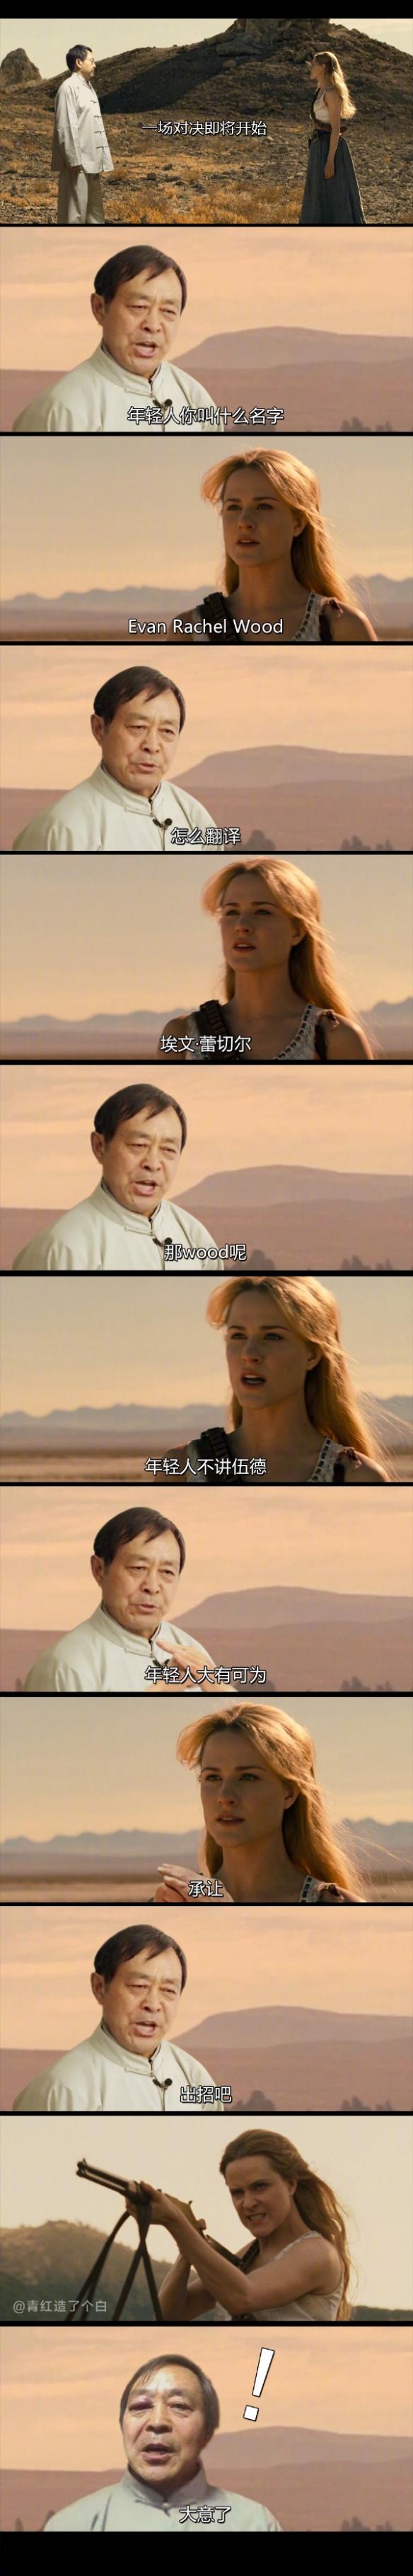 深田老师喂你吃饺子!囧图 这还怎么给吉尔放假?